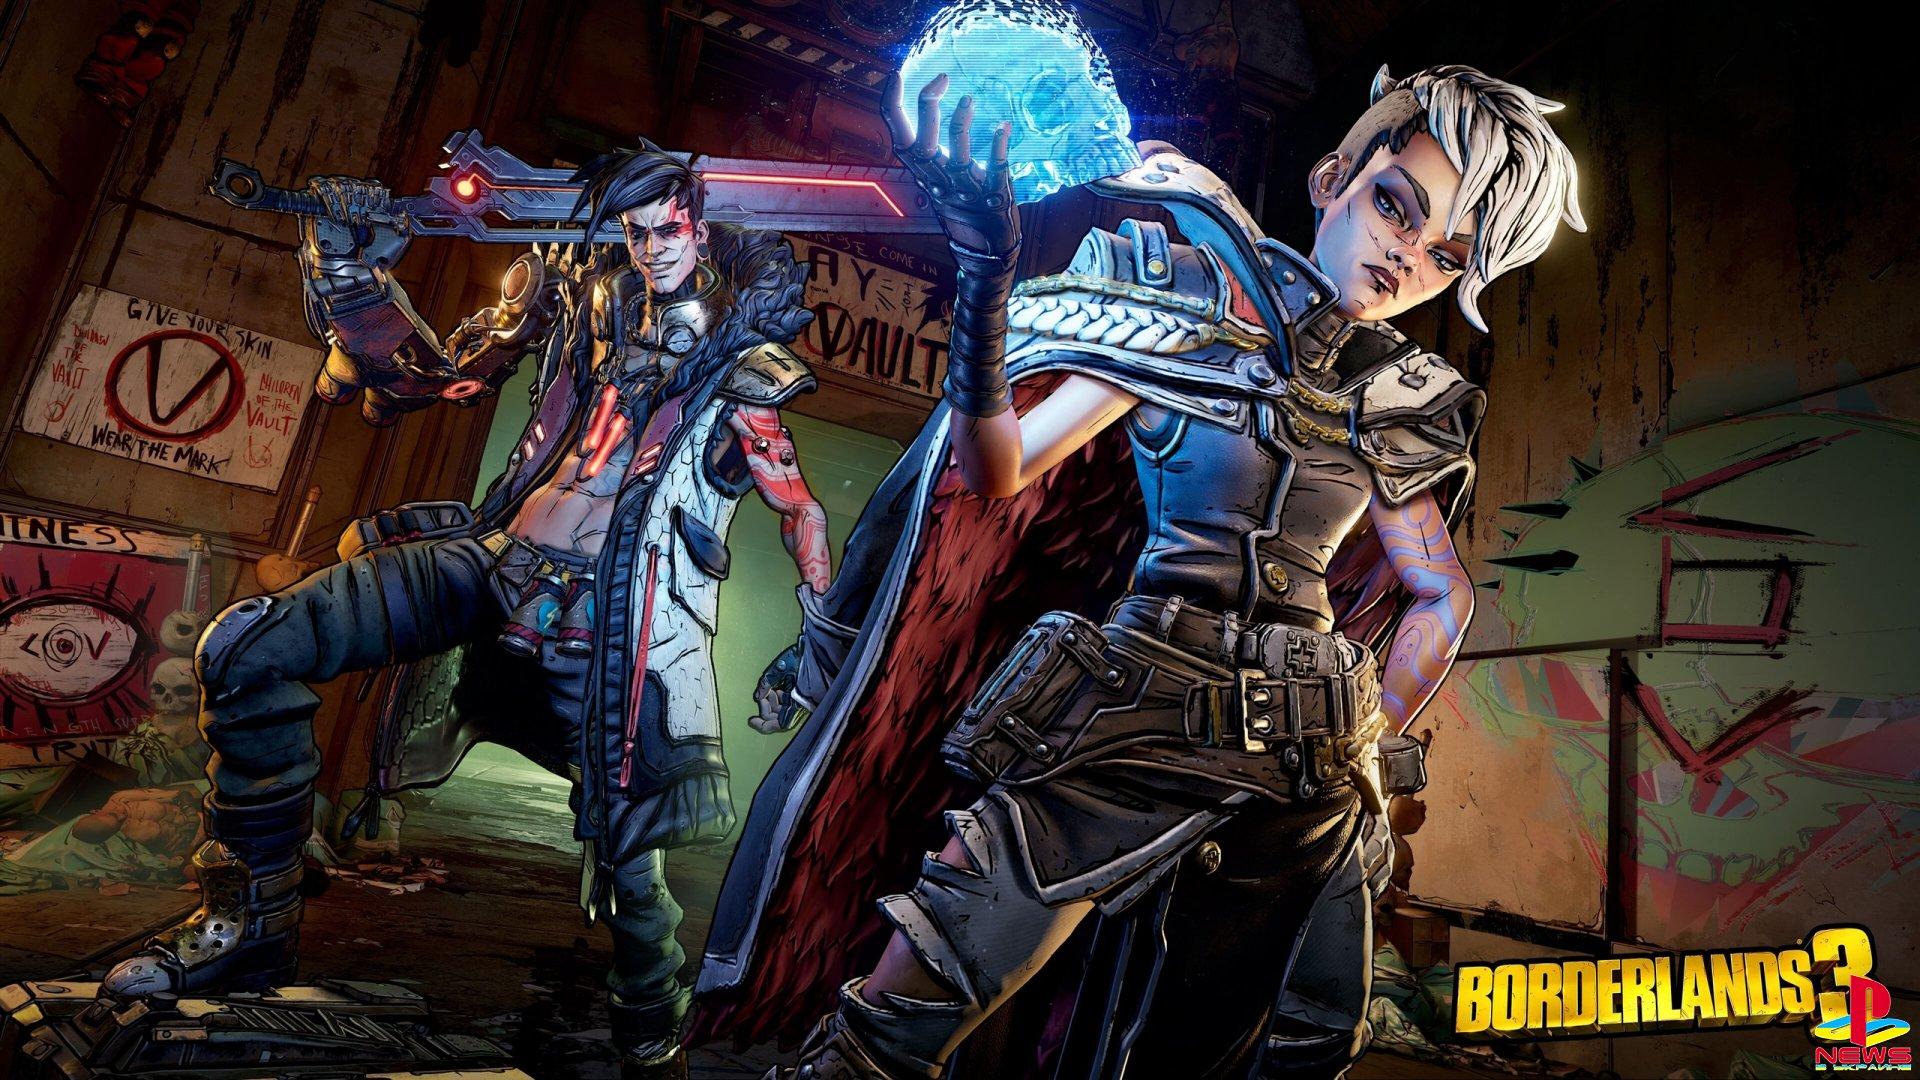 В Borderlands 3 добавят кроссплей между всеми платформами, кроме PlayStation